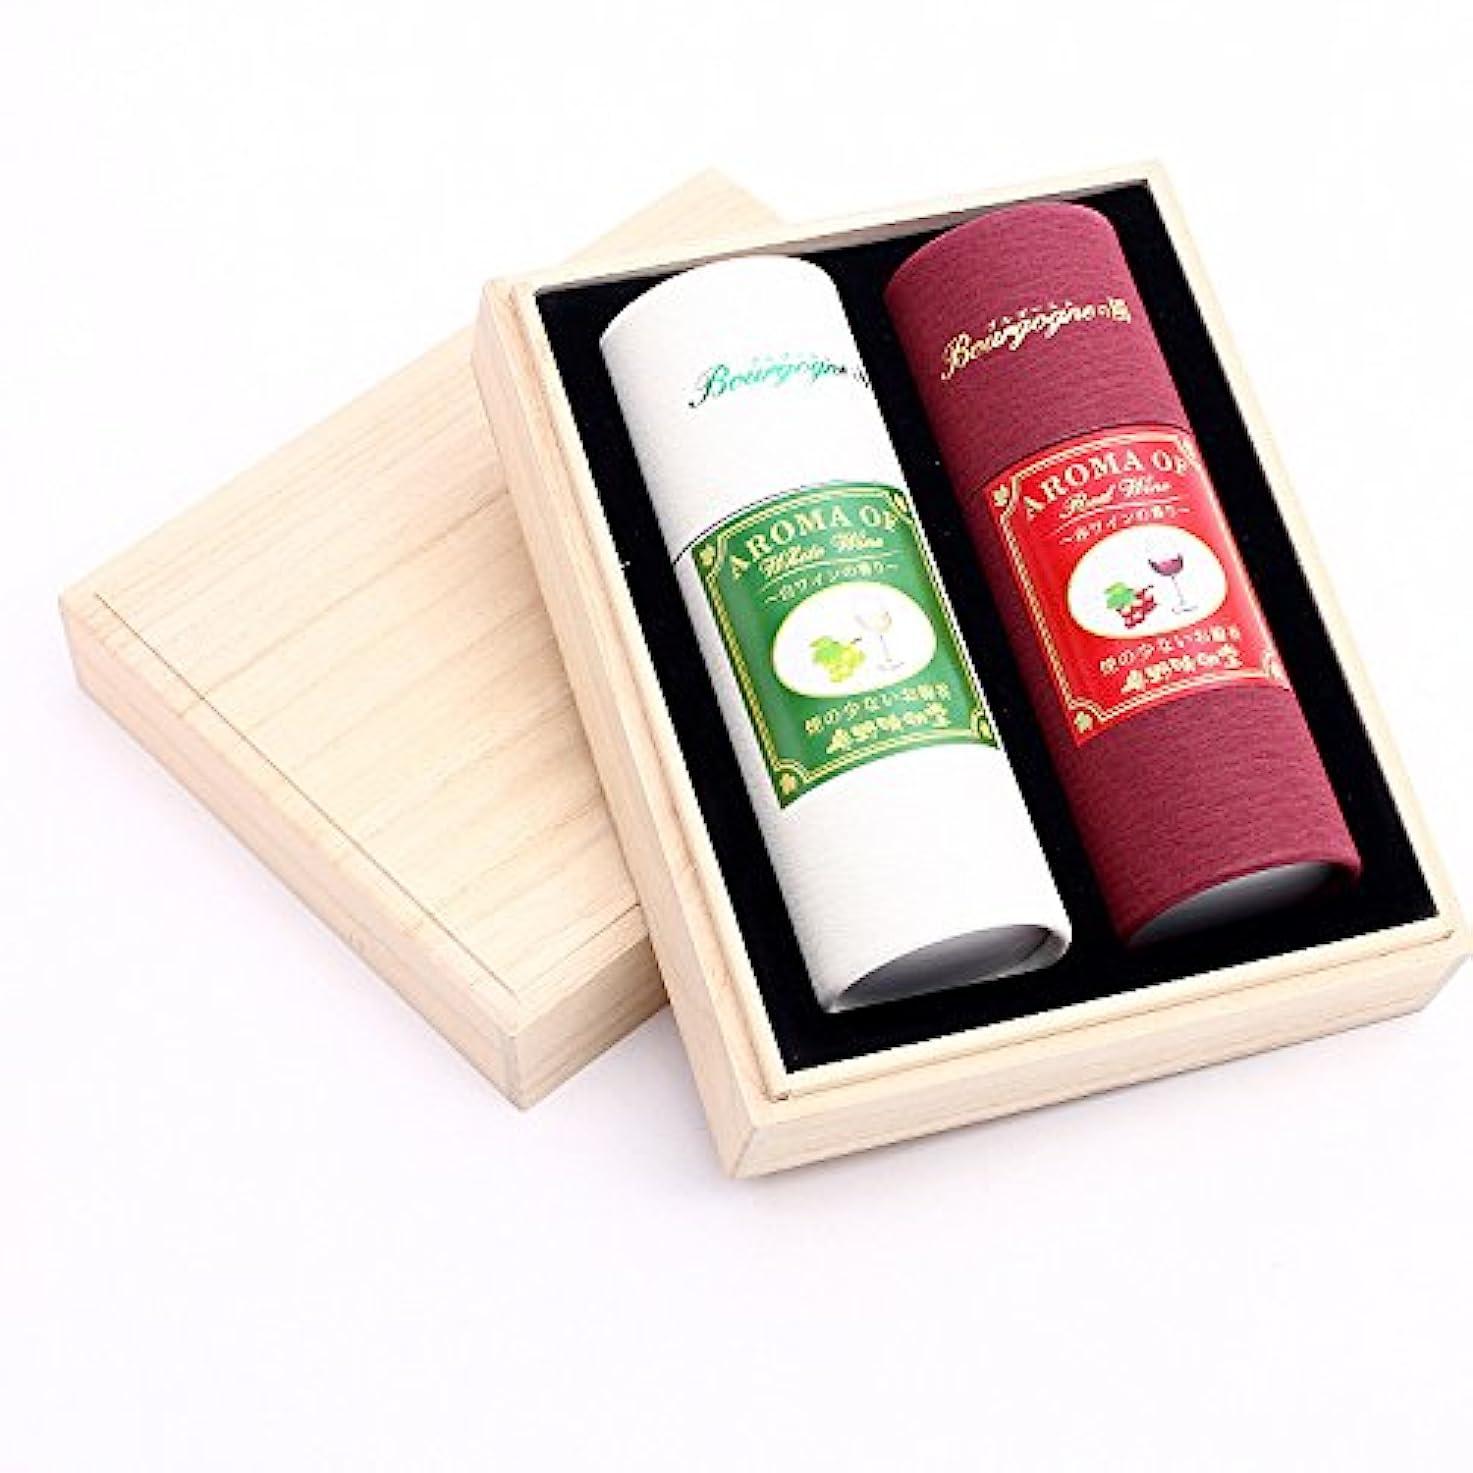 細胞ミントさようならワインの香りのお線香 奥野晴明堂 Bourgogne(ブルゴーニュ)の風 赤?白ワインの香り 桐箱2本入り 28-3 微煙タイプ